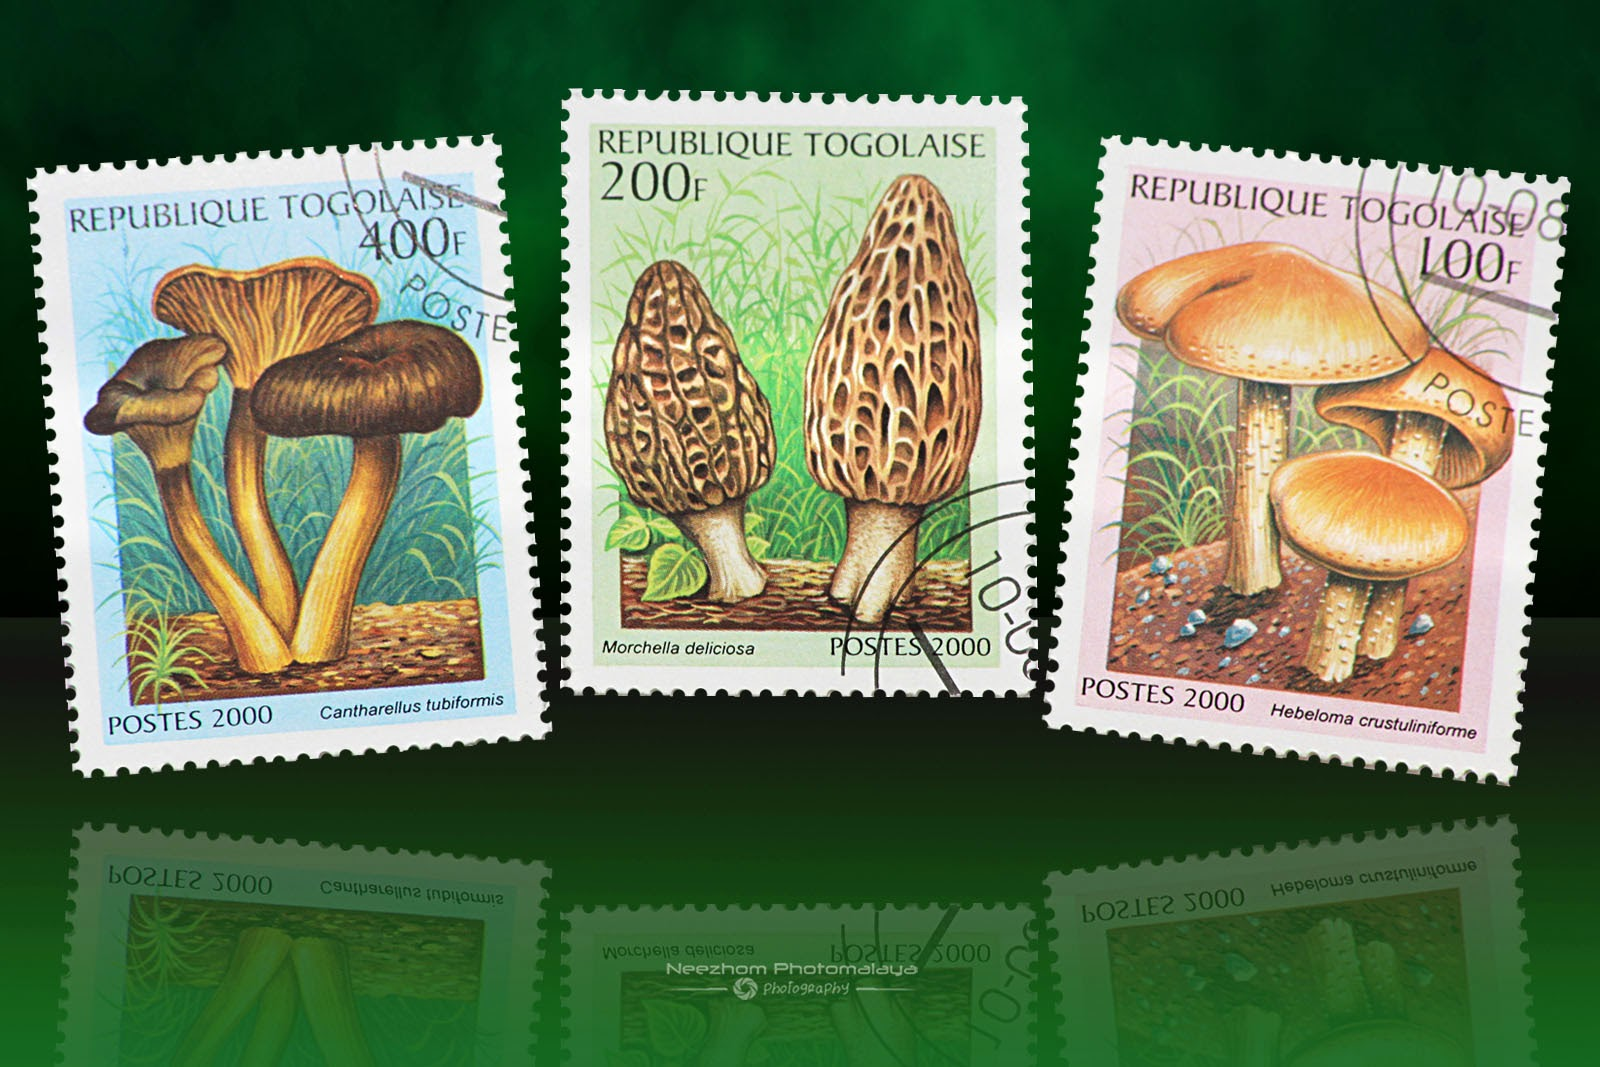 Togolese Republic mushrooms stamps 2000